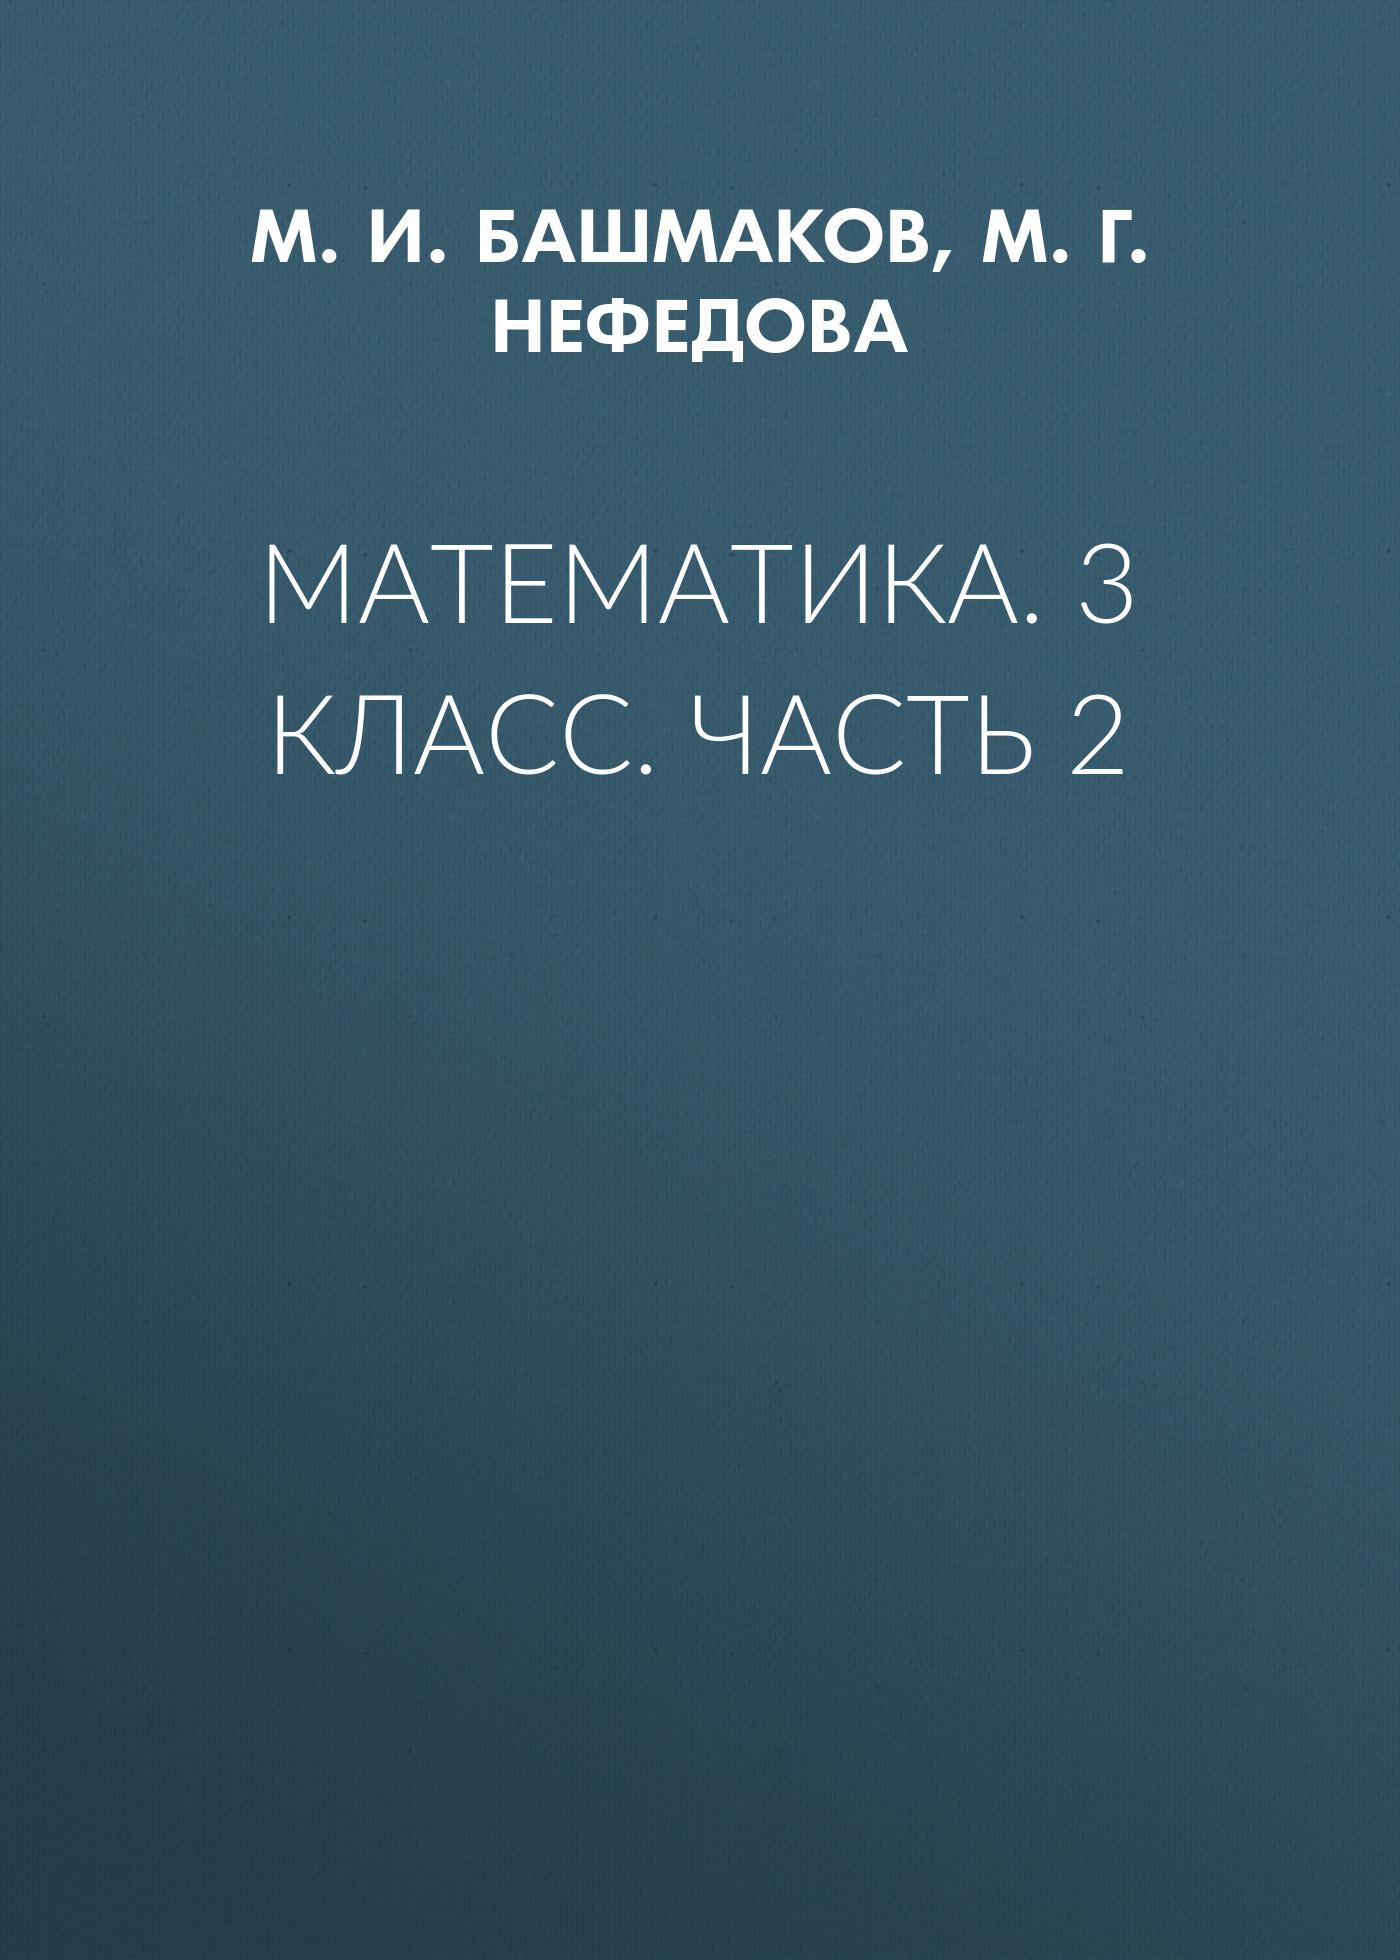 М. И. Башмаков Математика. 3 класс. Часть 2 башмаков м нефедов м математика 1 класс учебник часть 1